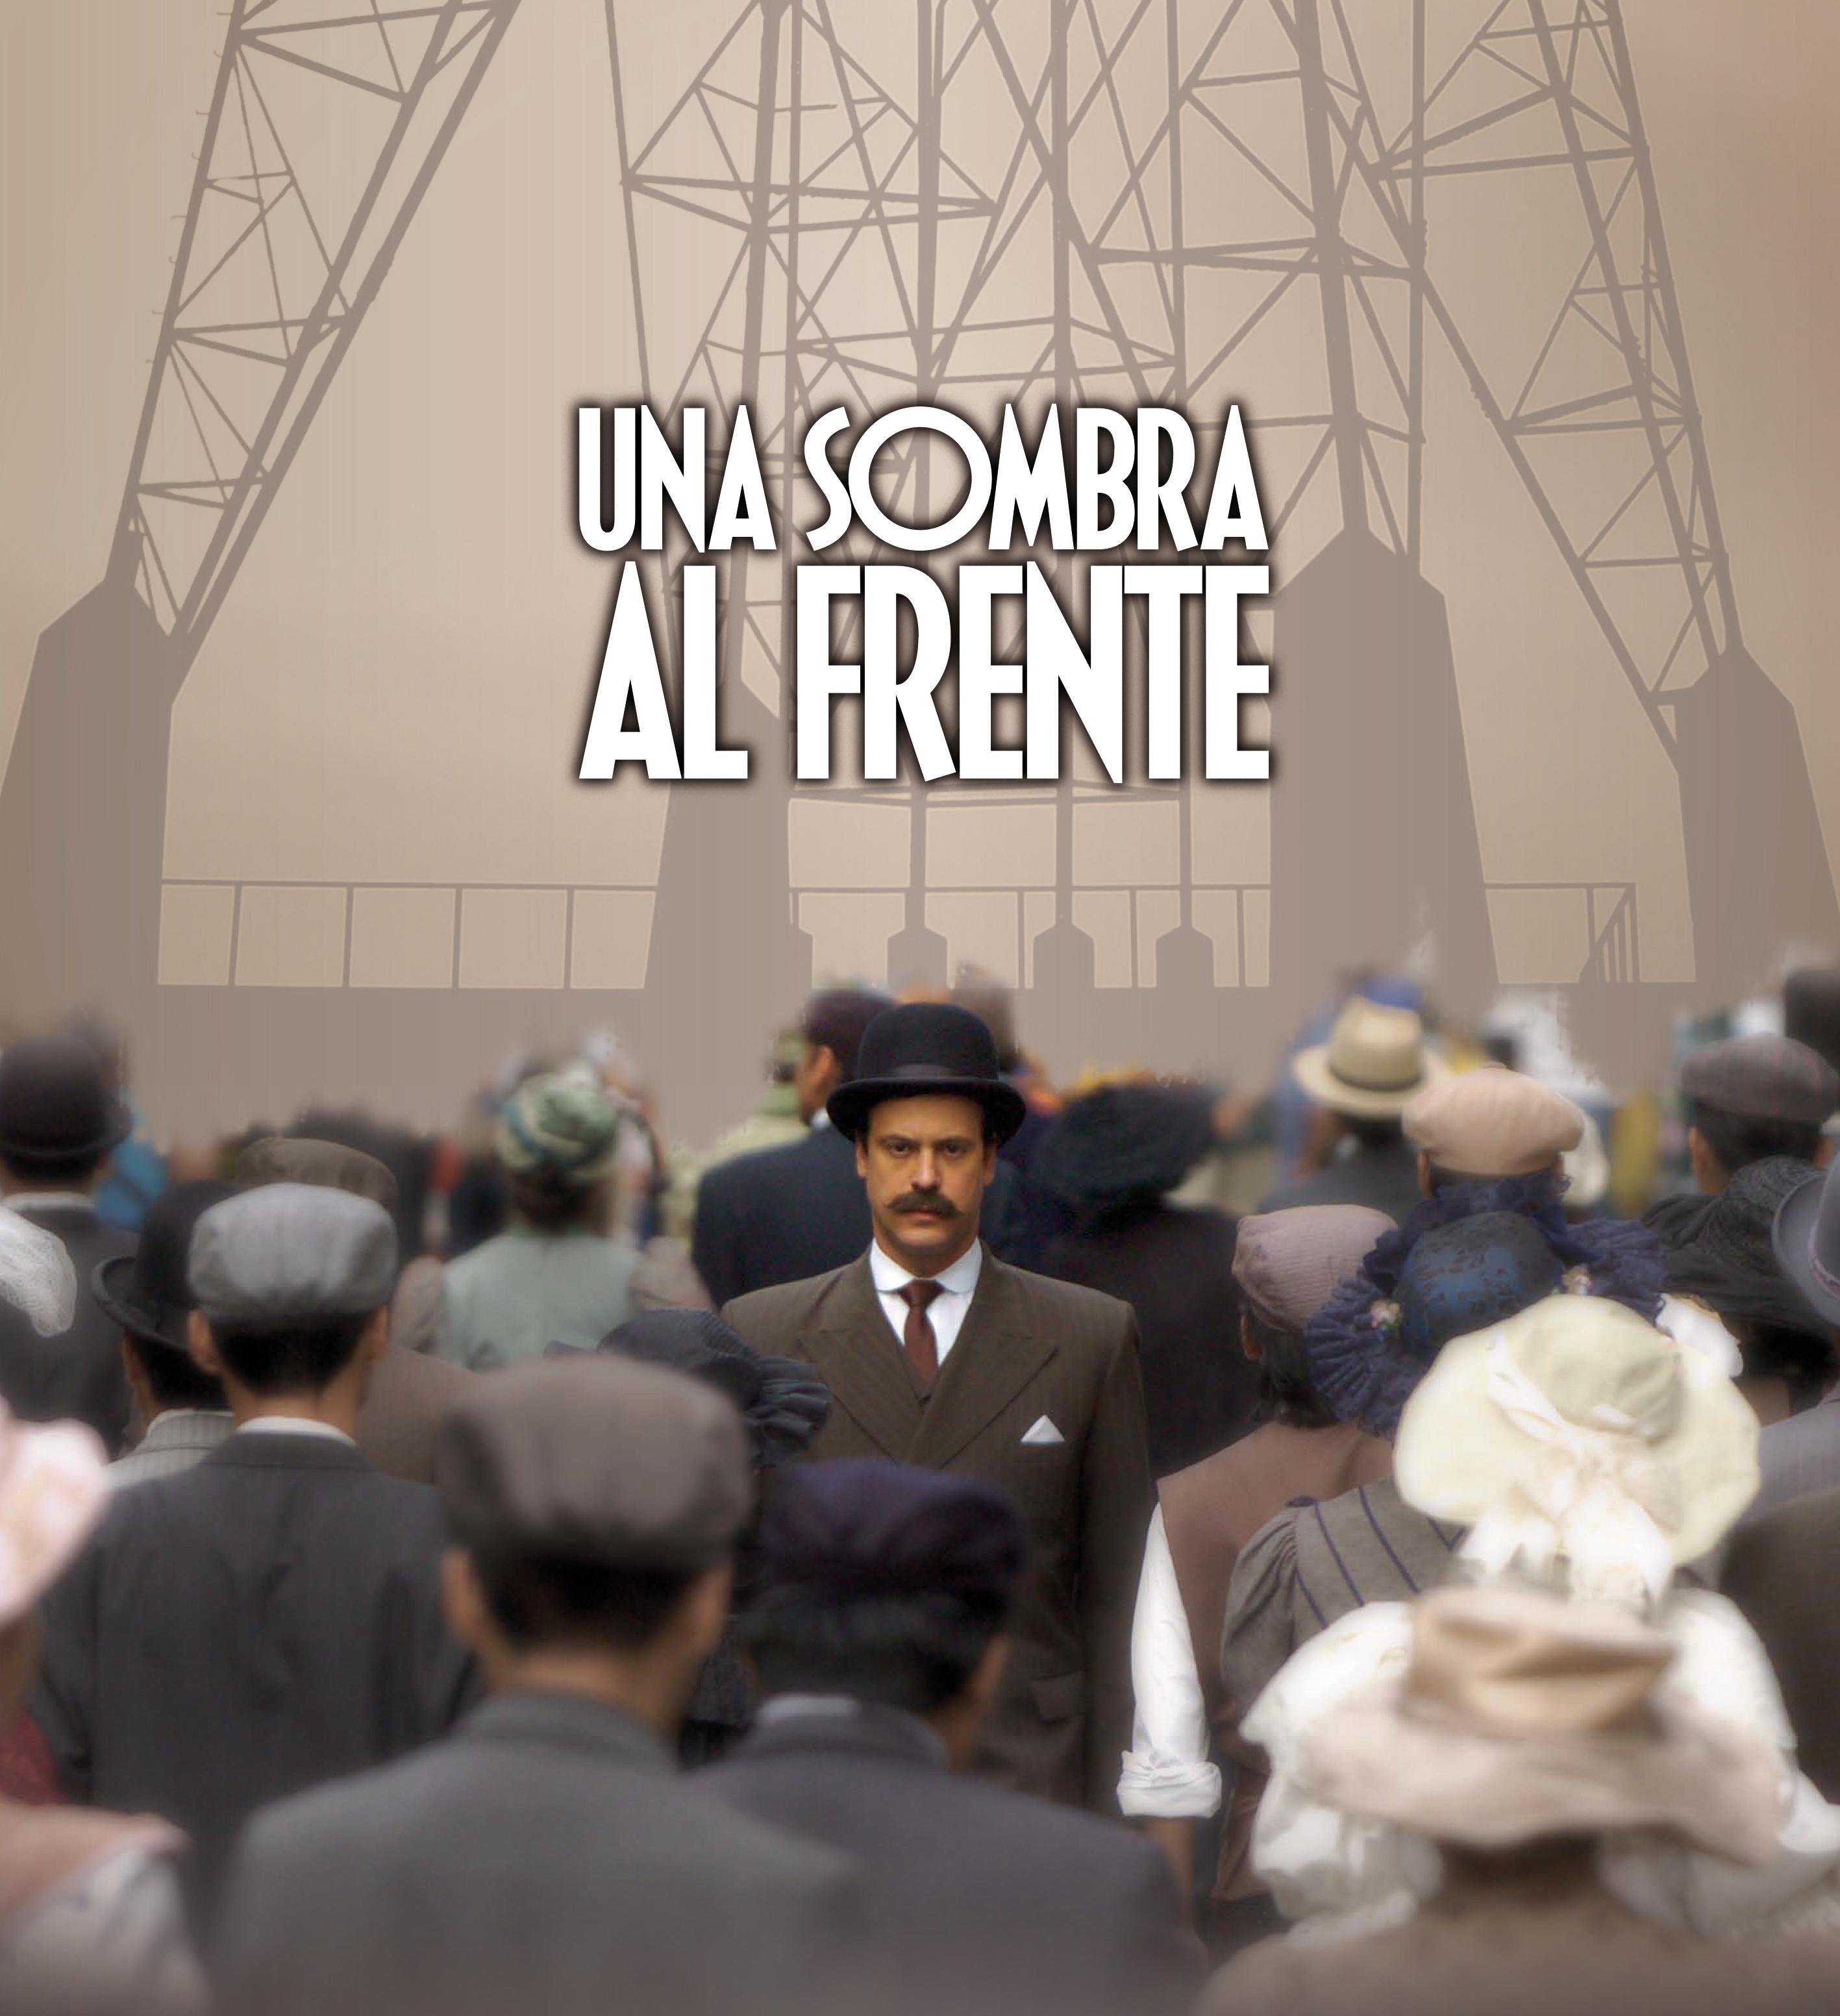 UNA SOMBRA AL FRENTE - DRAMA